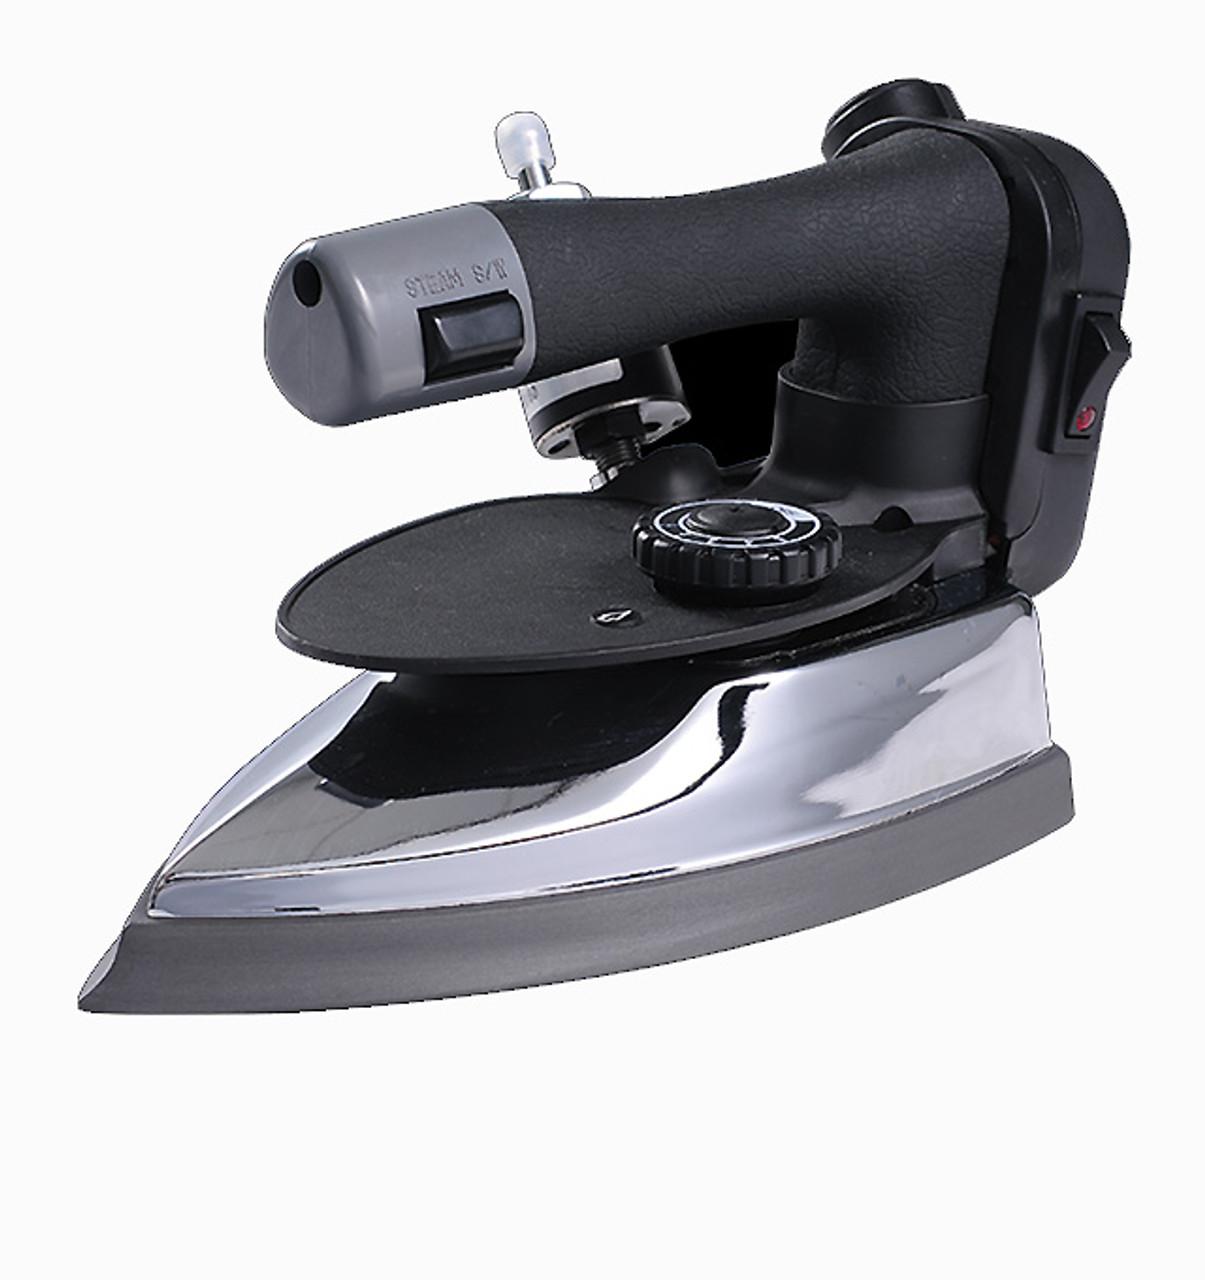 Silver Star ES-300 Gravity Steam Iron